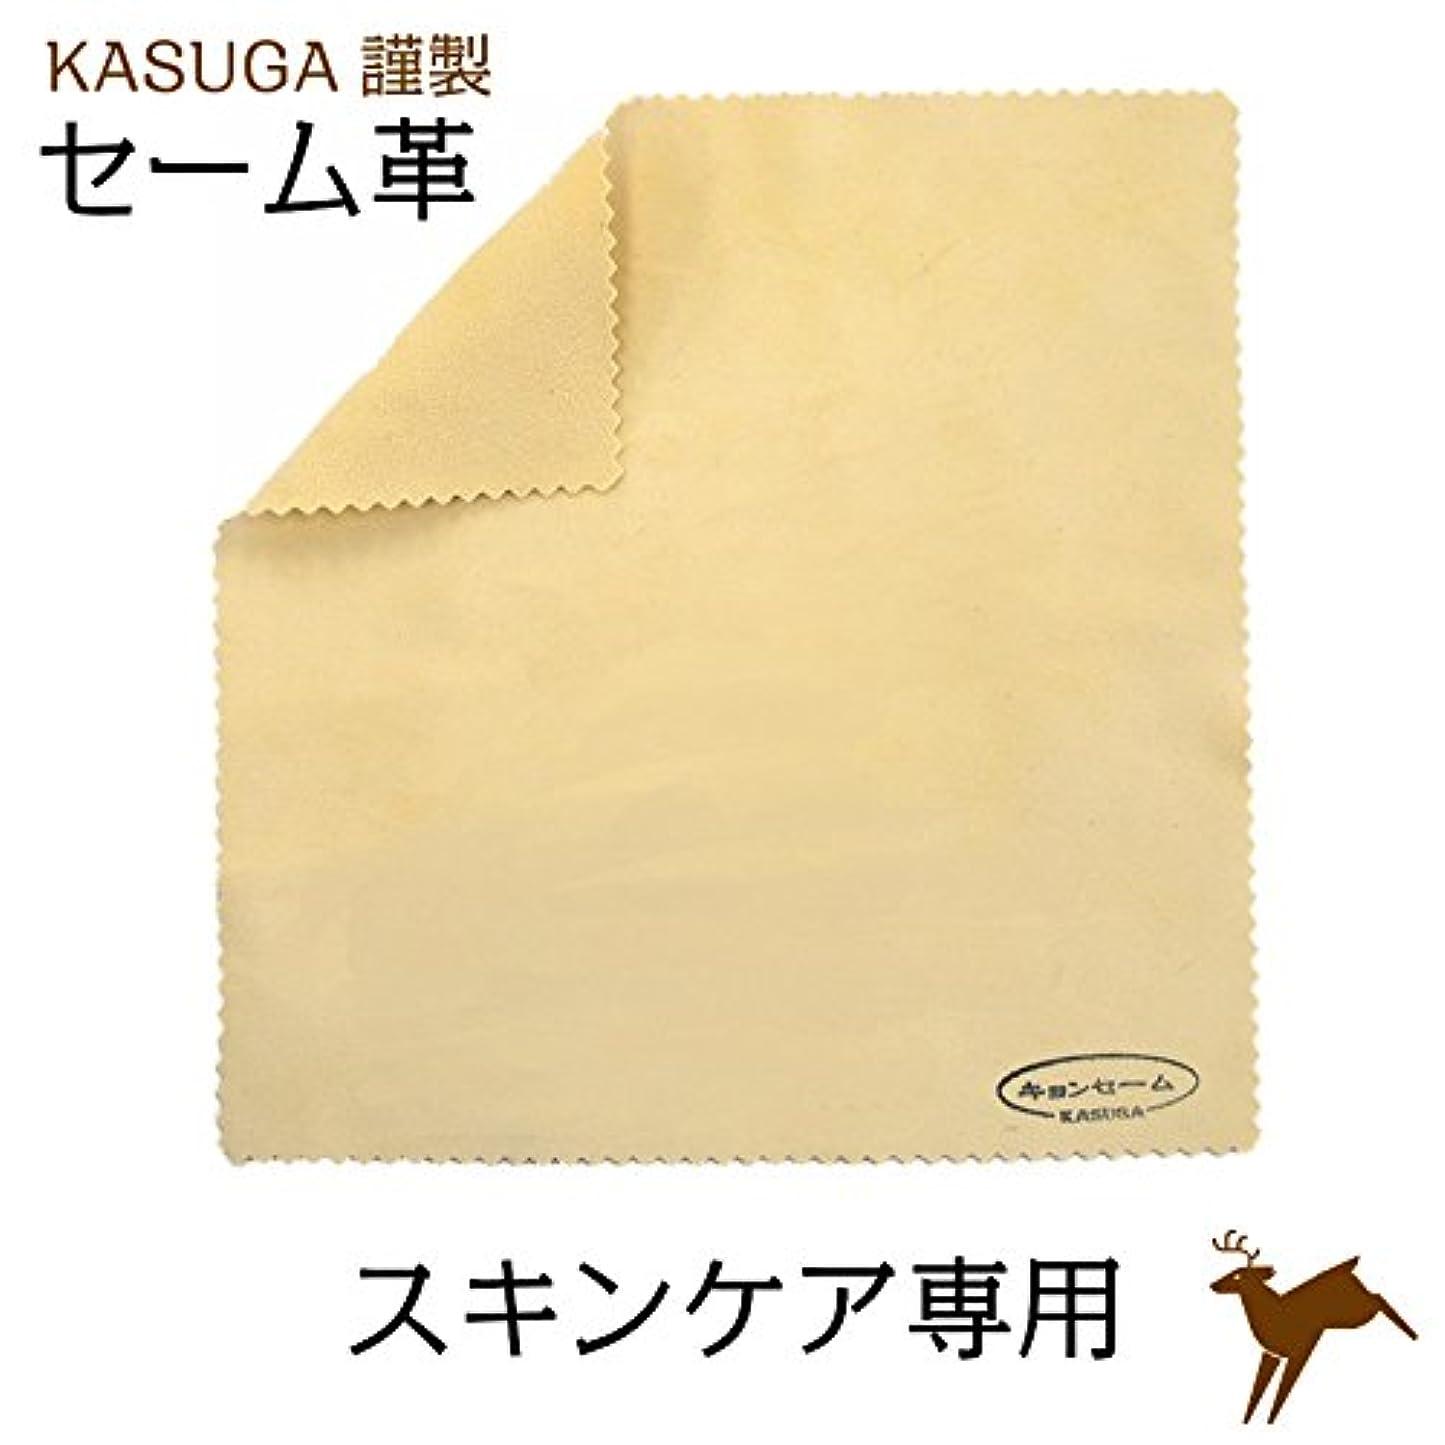 リンスモスペンダント春日カスガ謹製 スキンケア専用キョンセーム革 20cm×20cm 3???